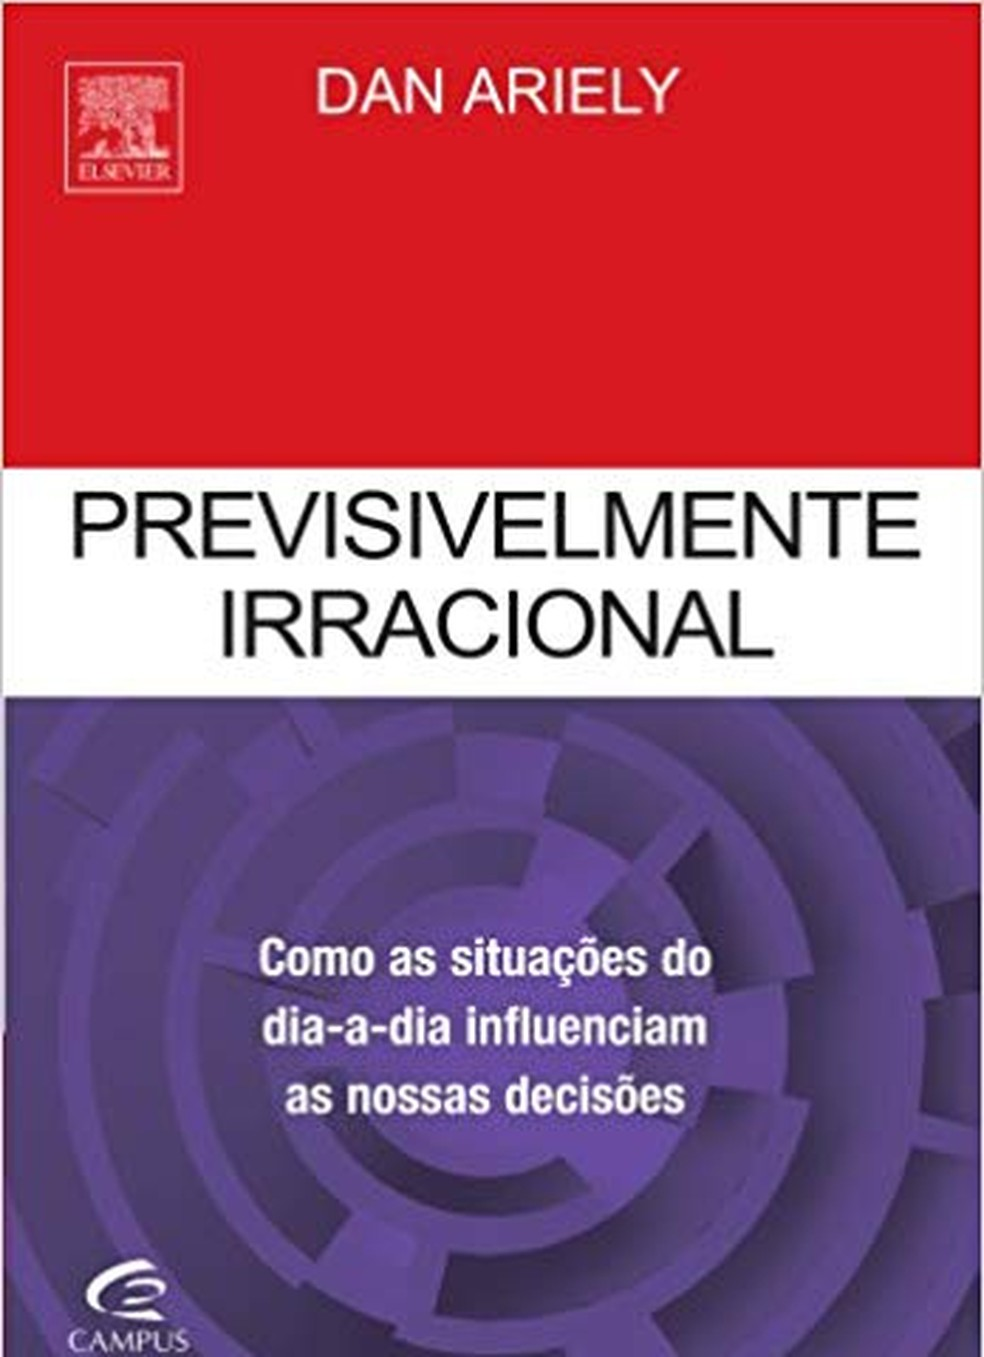 Previsivelmente Irracional, de Dan Ariely — Foto: Divulgação